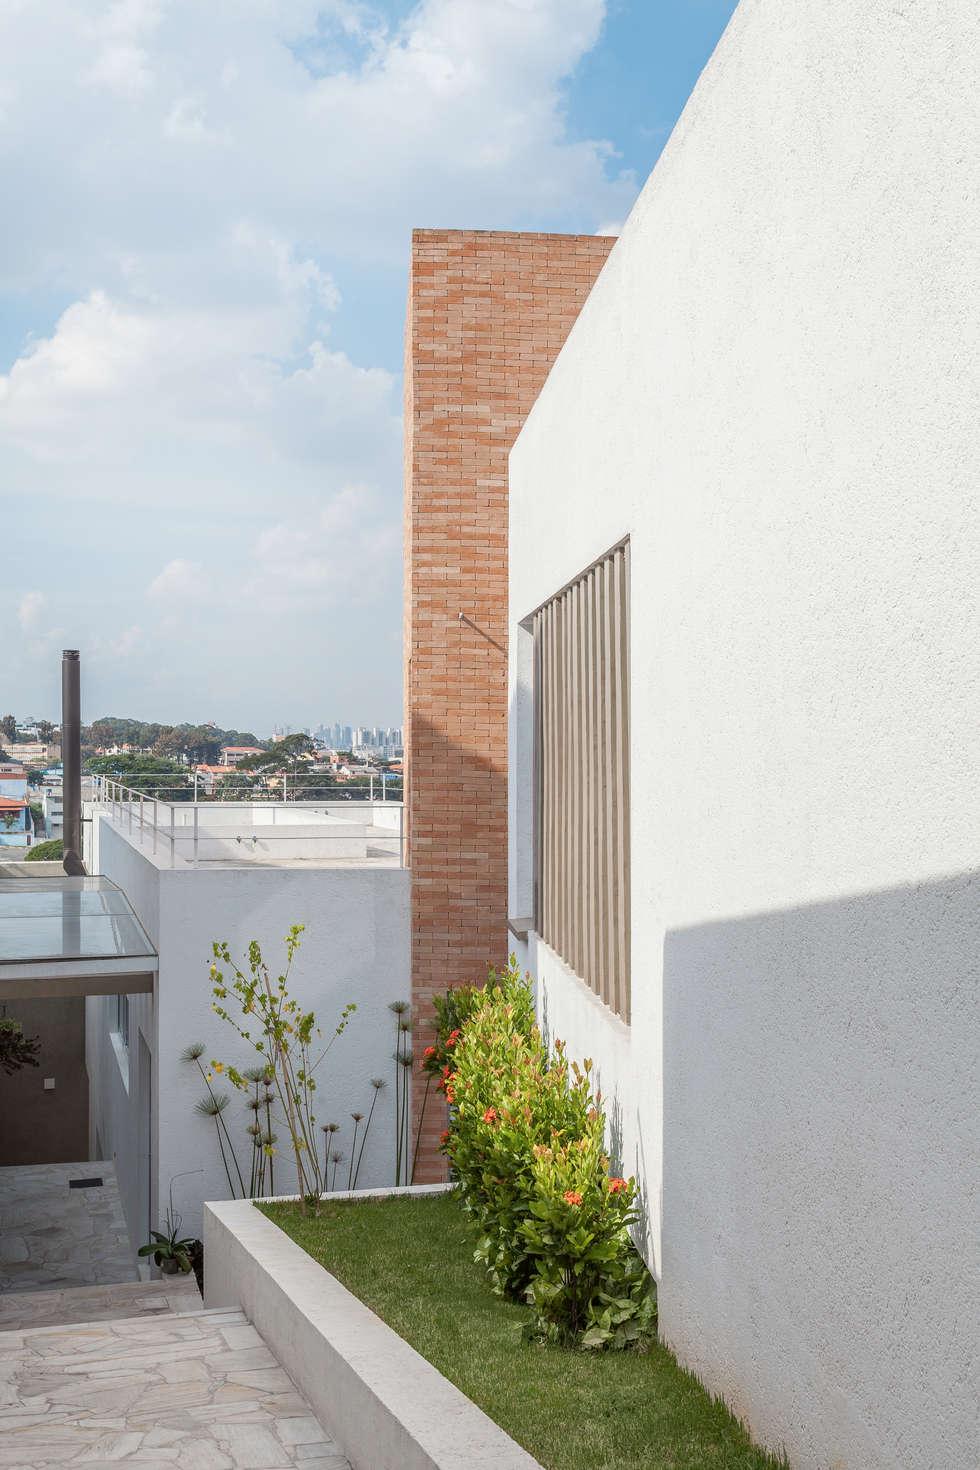 Residência Parque dos Príncipes: Jardins modernos por Nautilo Arquitetura & Gerenciamento